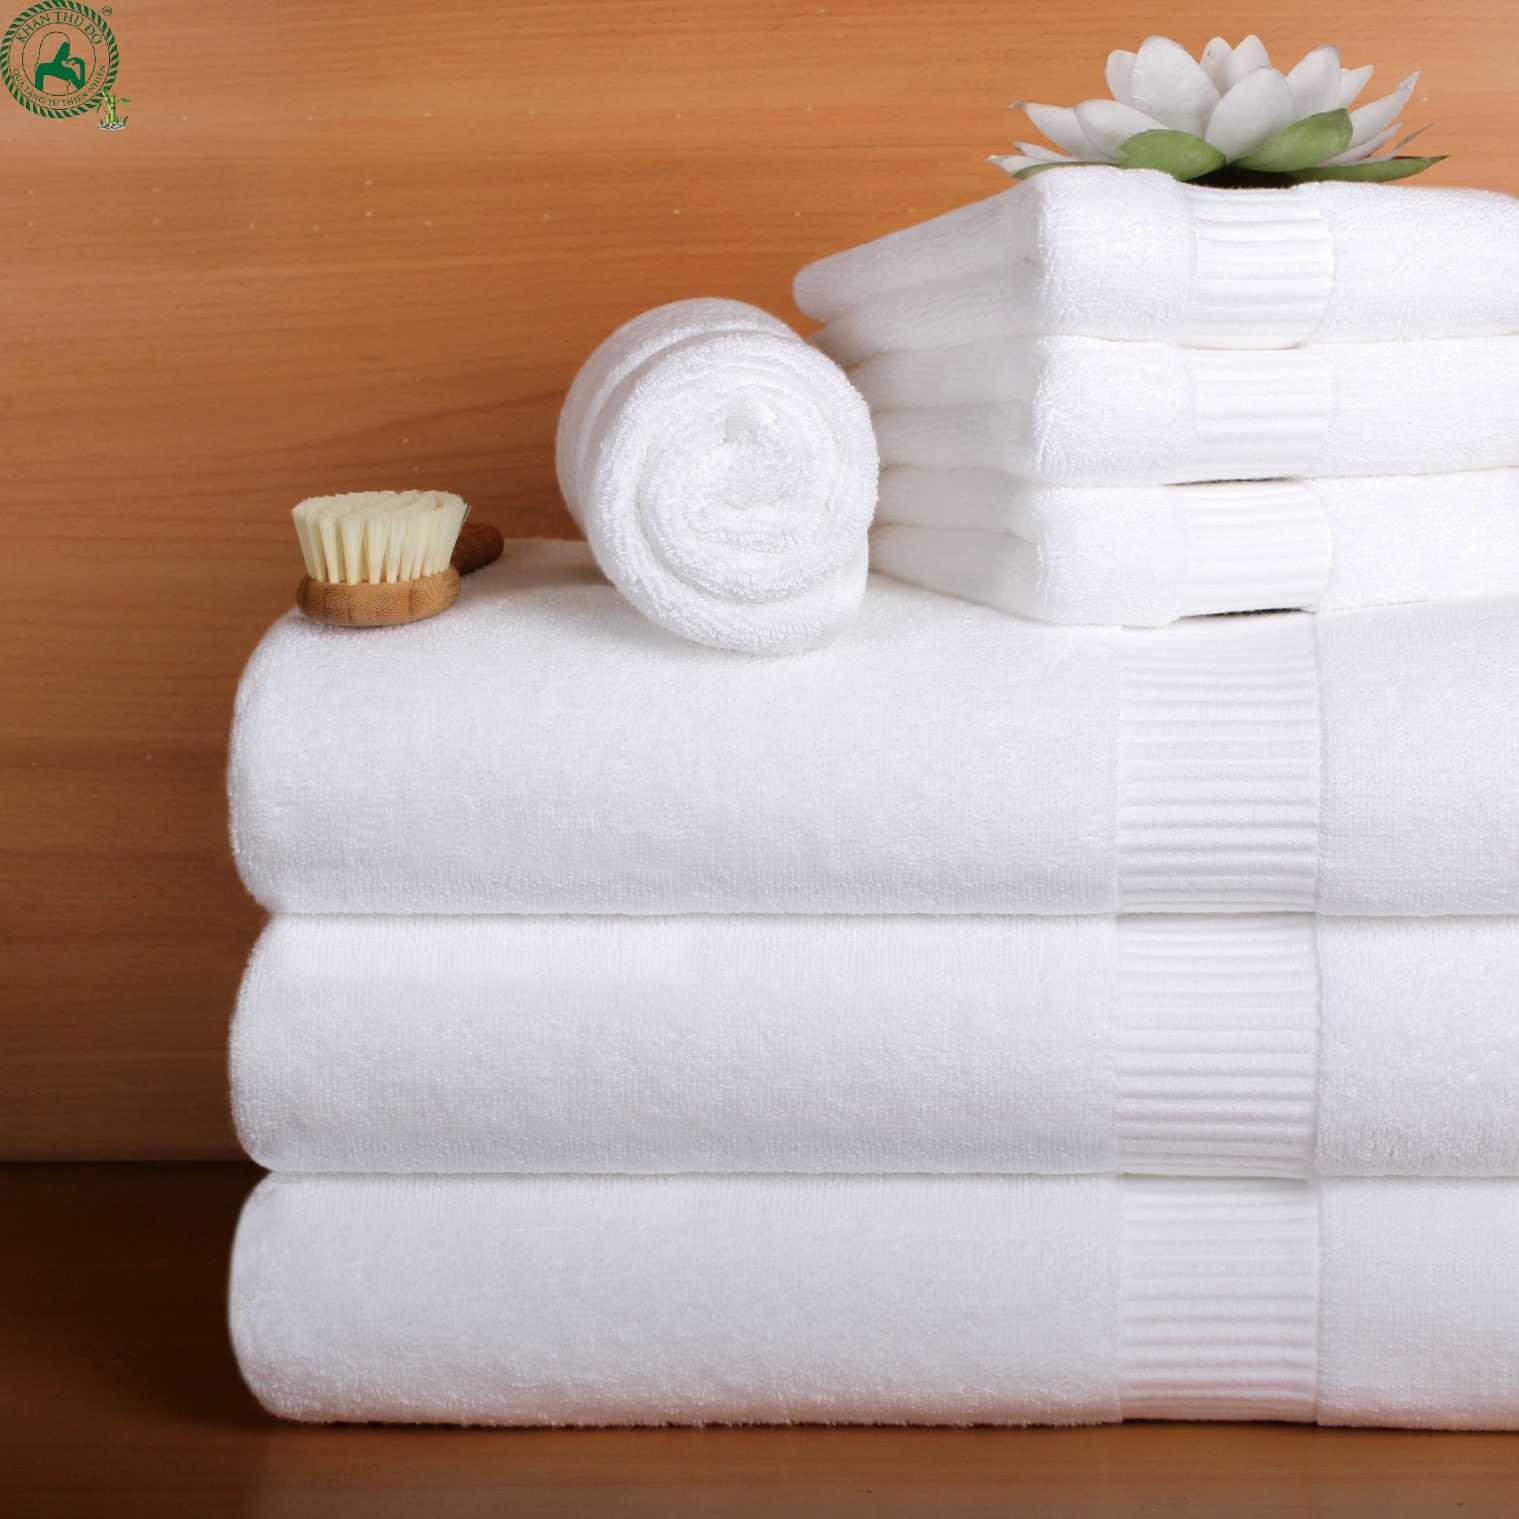 Xưởng khăn Thủ Đô là đơn vị cung cấp khăn khách sạn uy tín nhất hiện nay